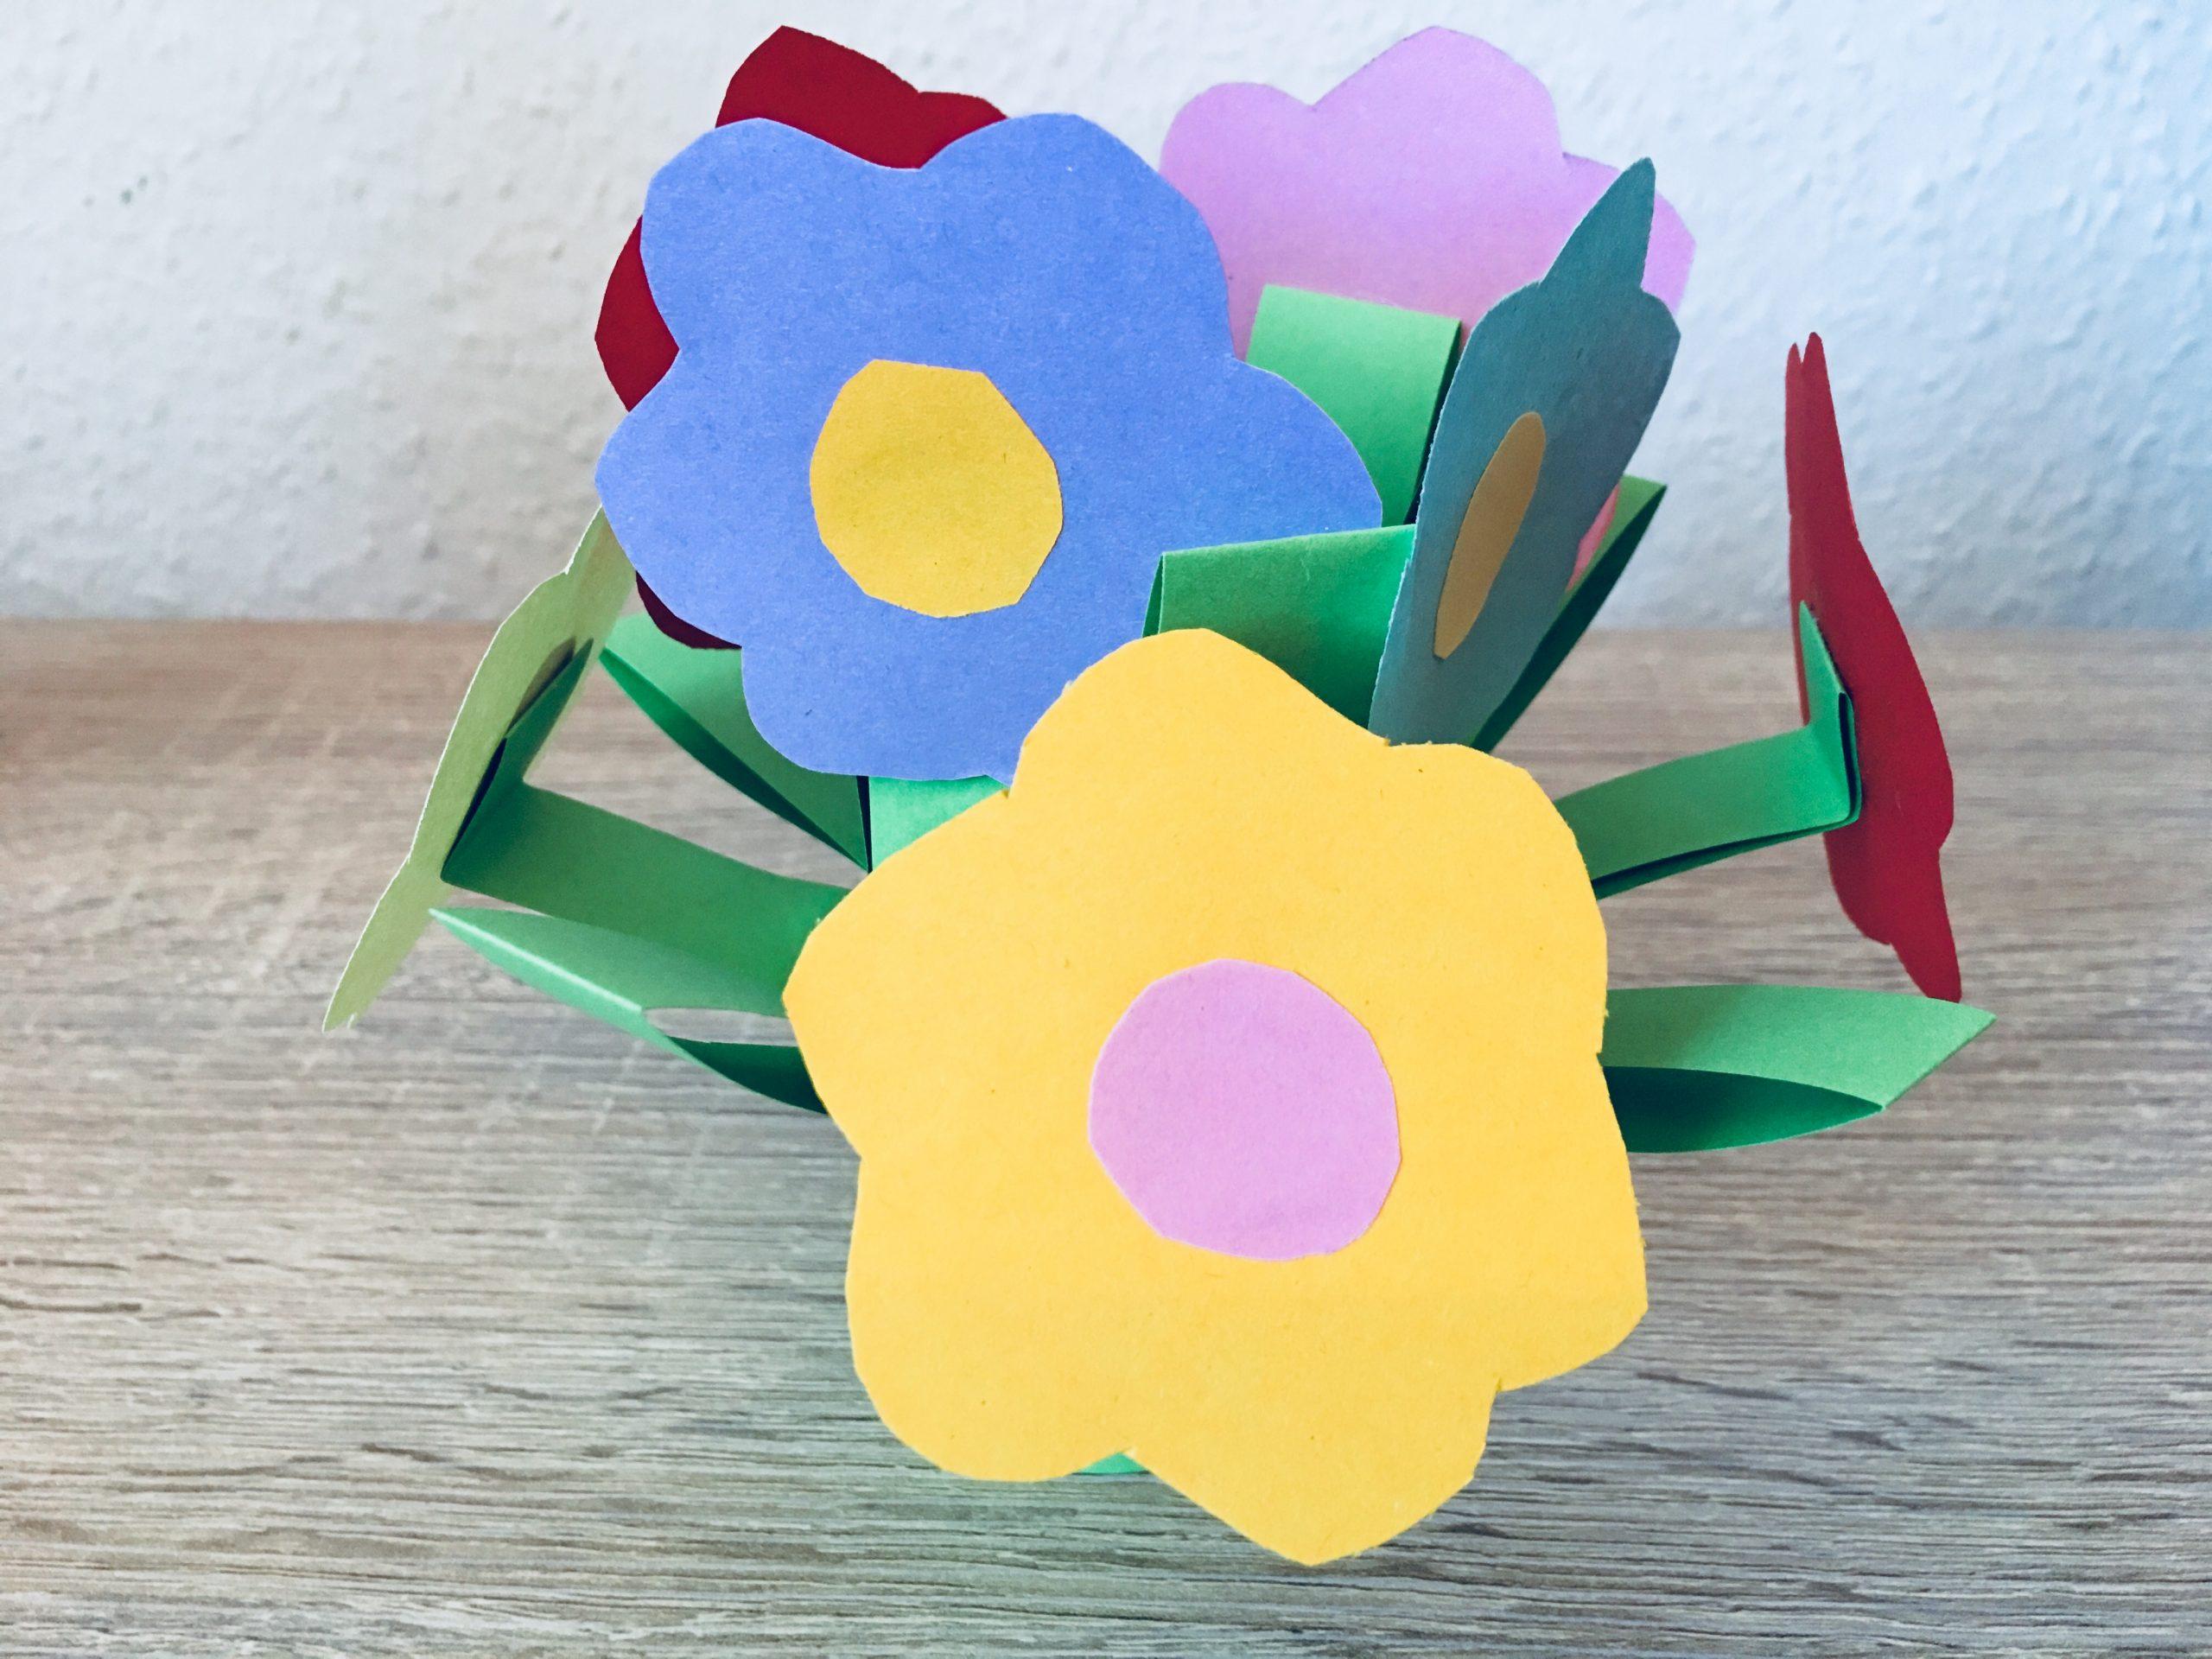 Blumen Aus Papier - Basteln Mit Kindern   Der Familienblog mit Basteln Mit Papier Für Kleinkinder